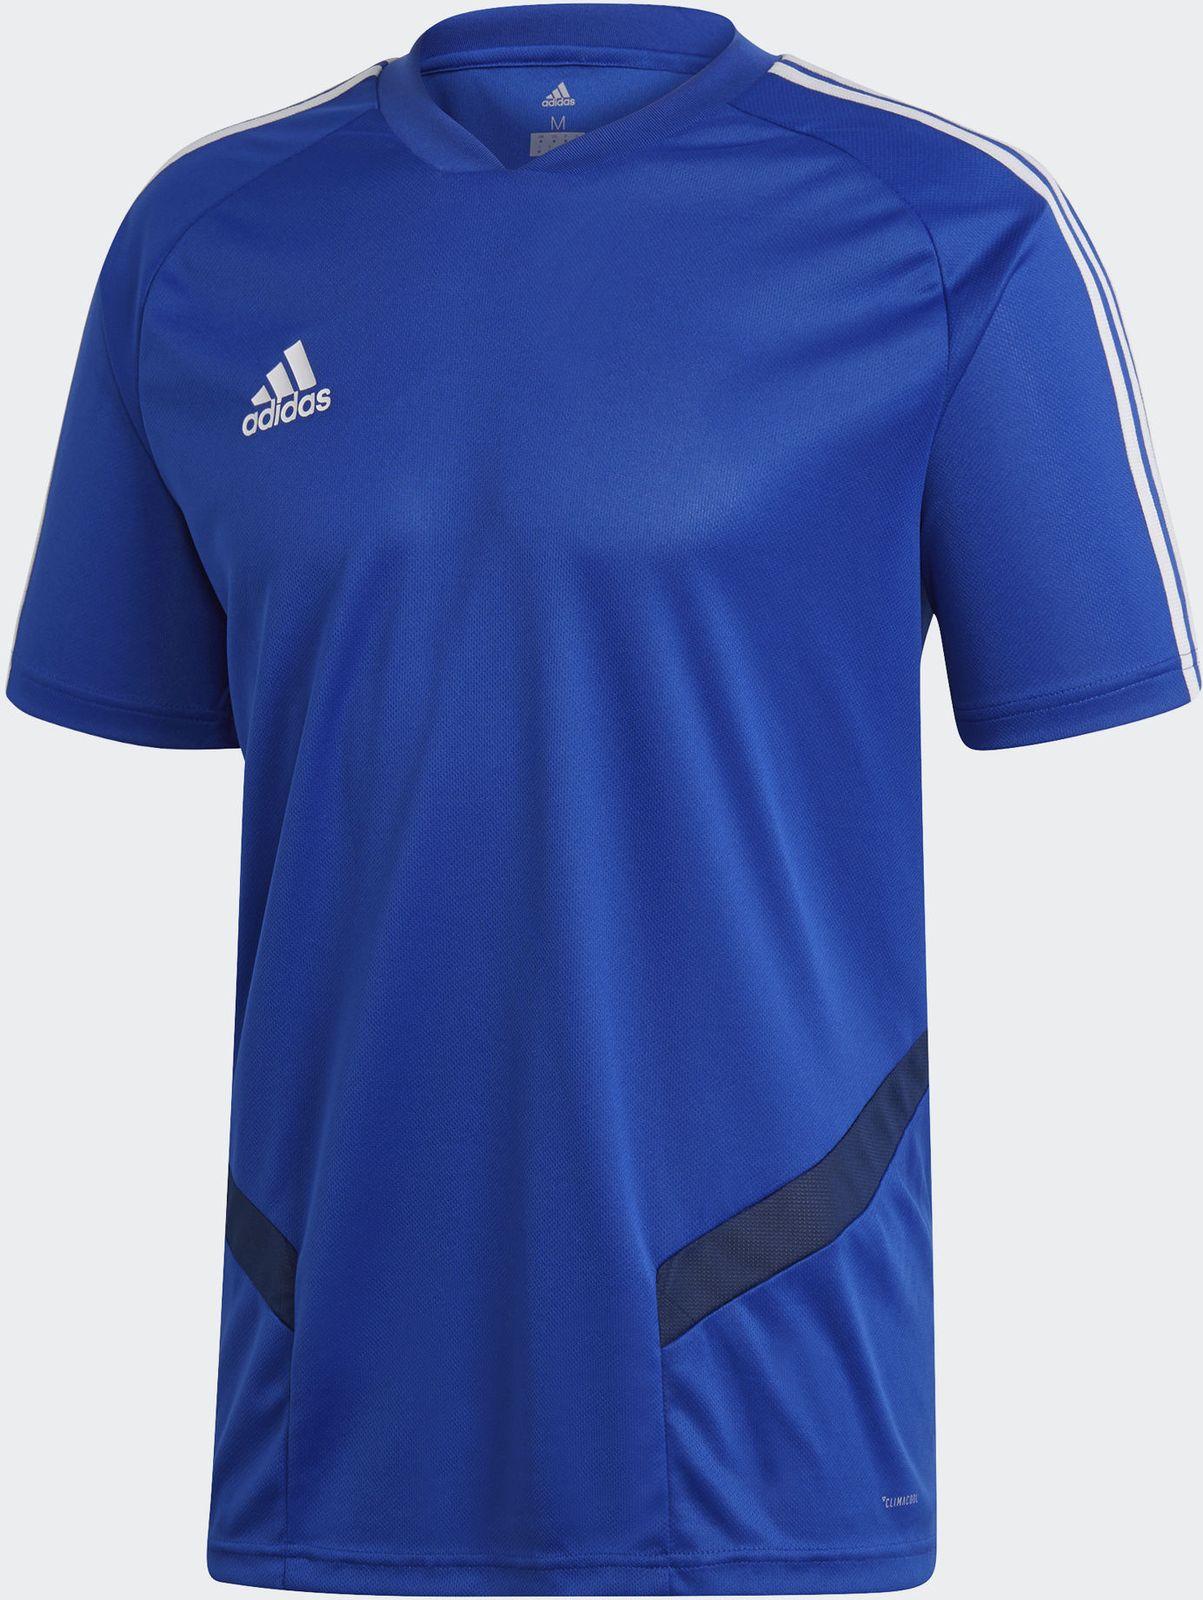 Футболка adidas Tiro19 Tr Jsy футболка игровая adidas tanip cc jsy az9712